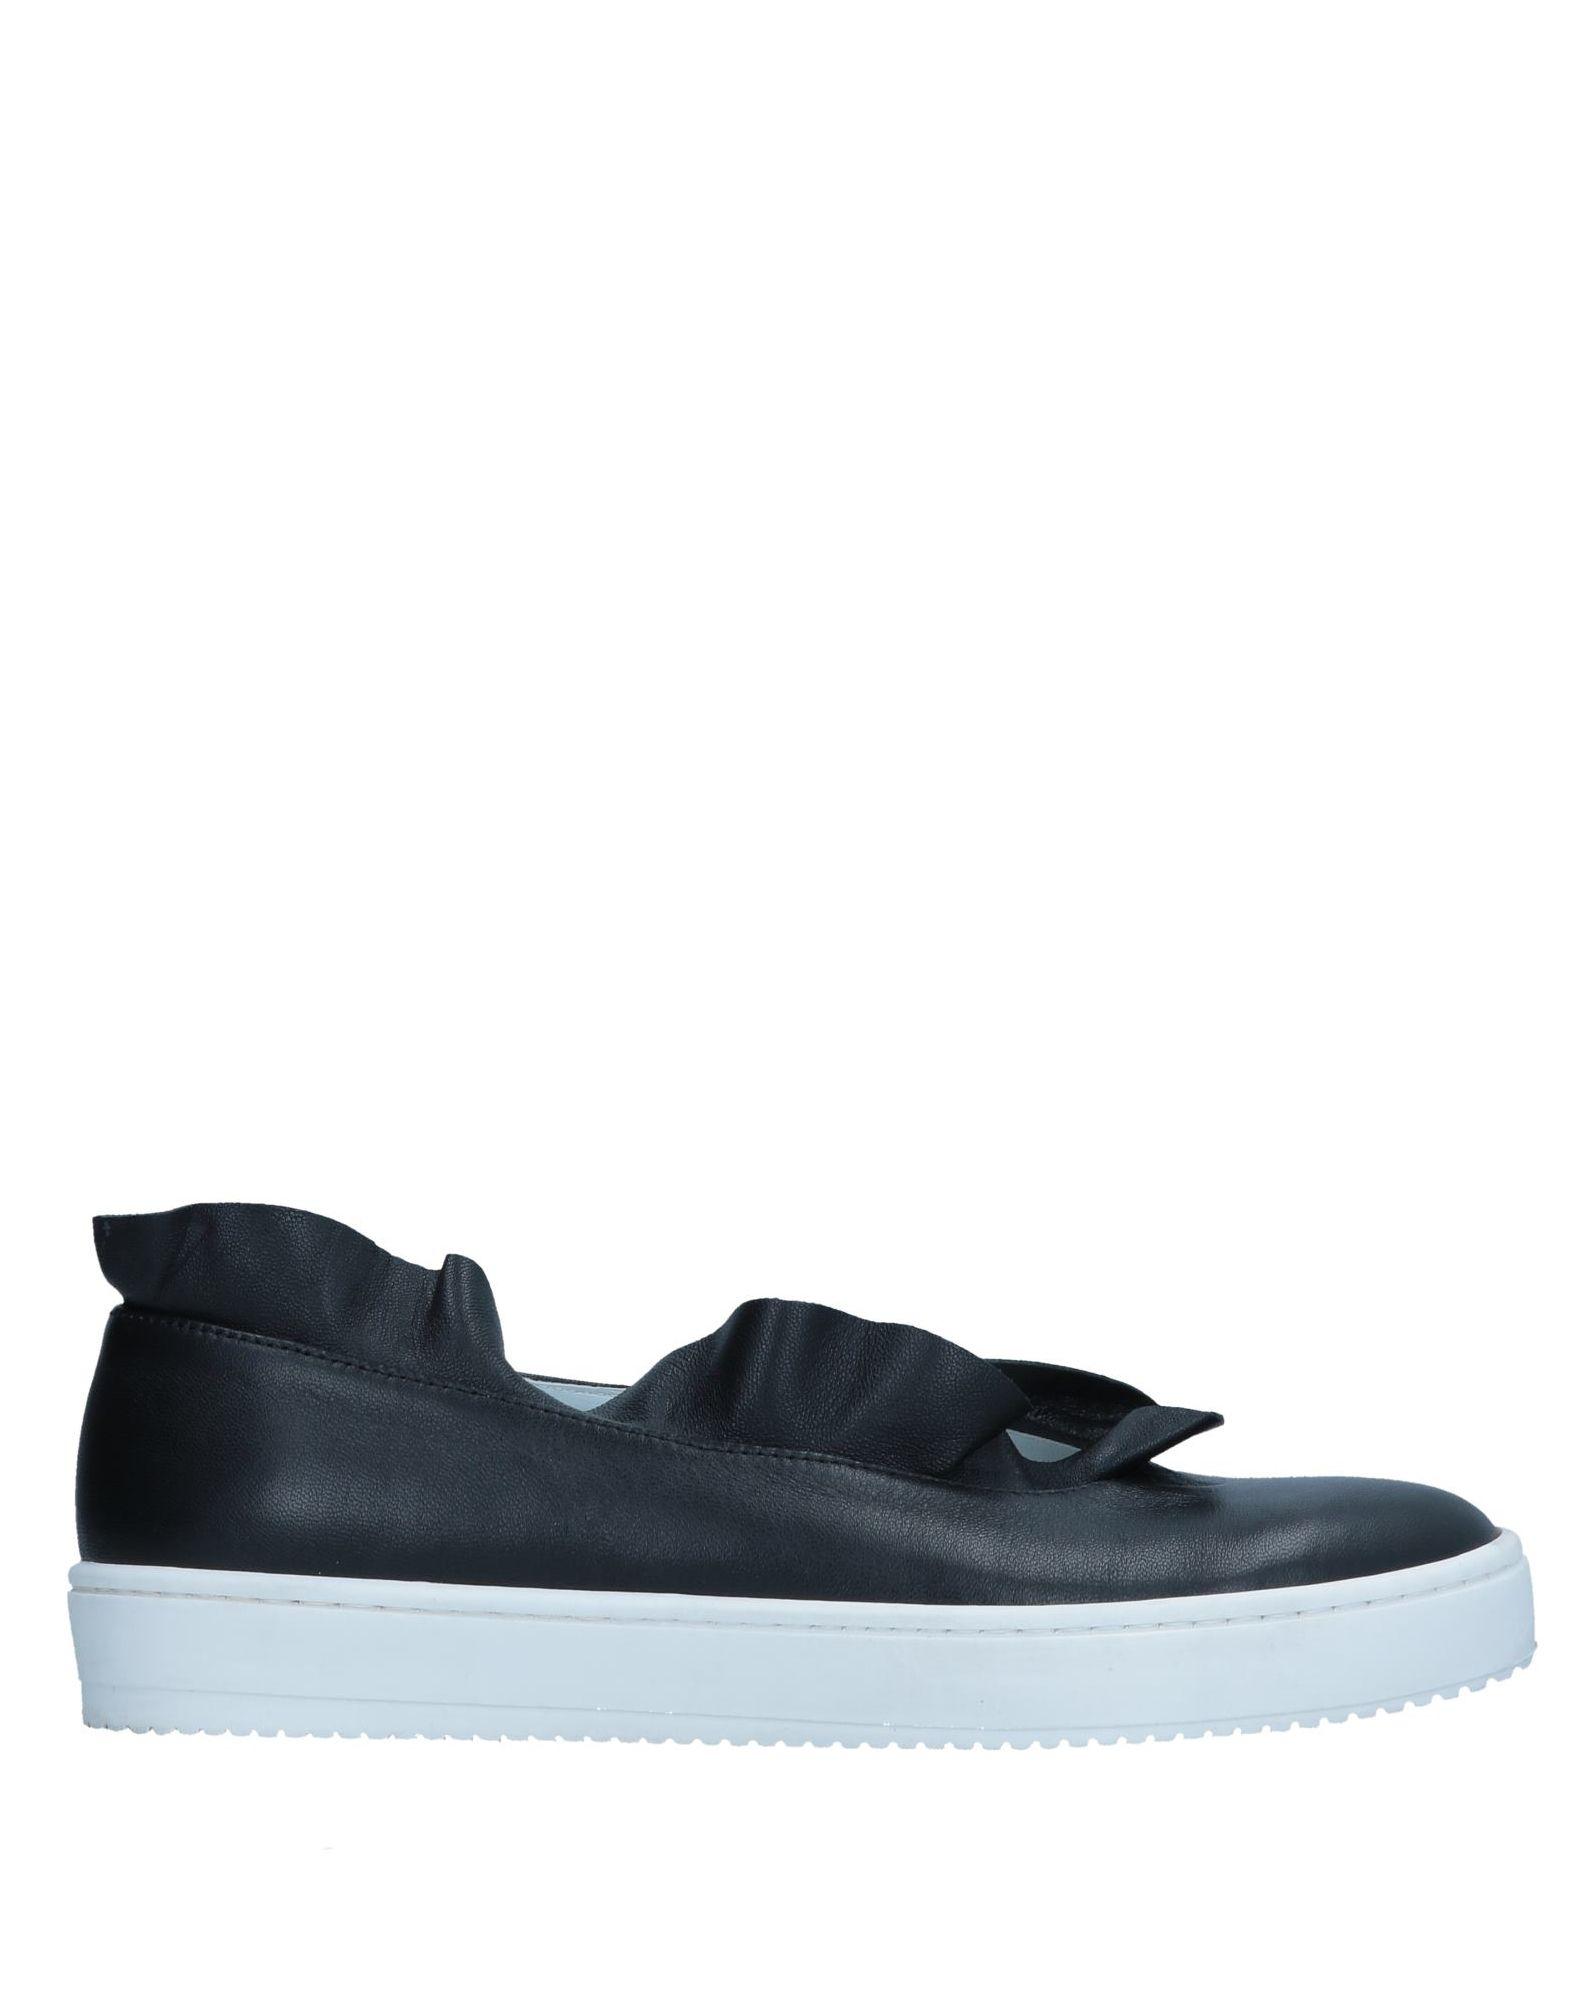 Sneakers Aurora Donna - 11545744GD Scarpe economiche e buone